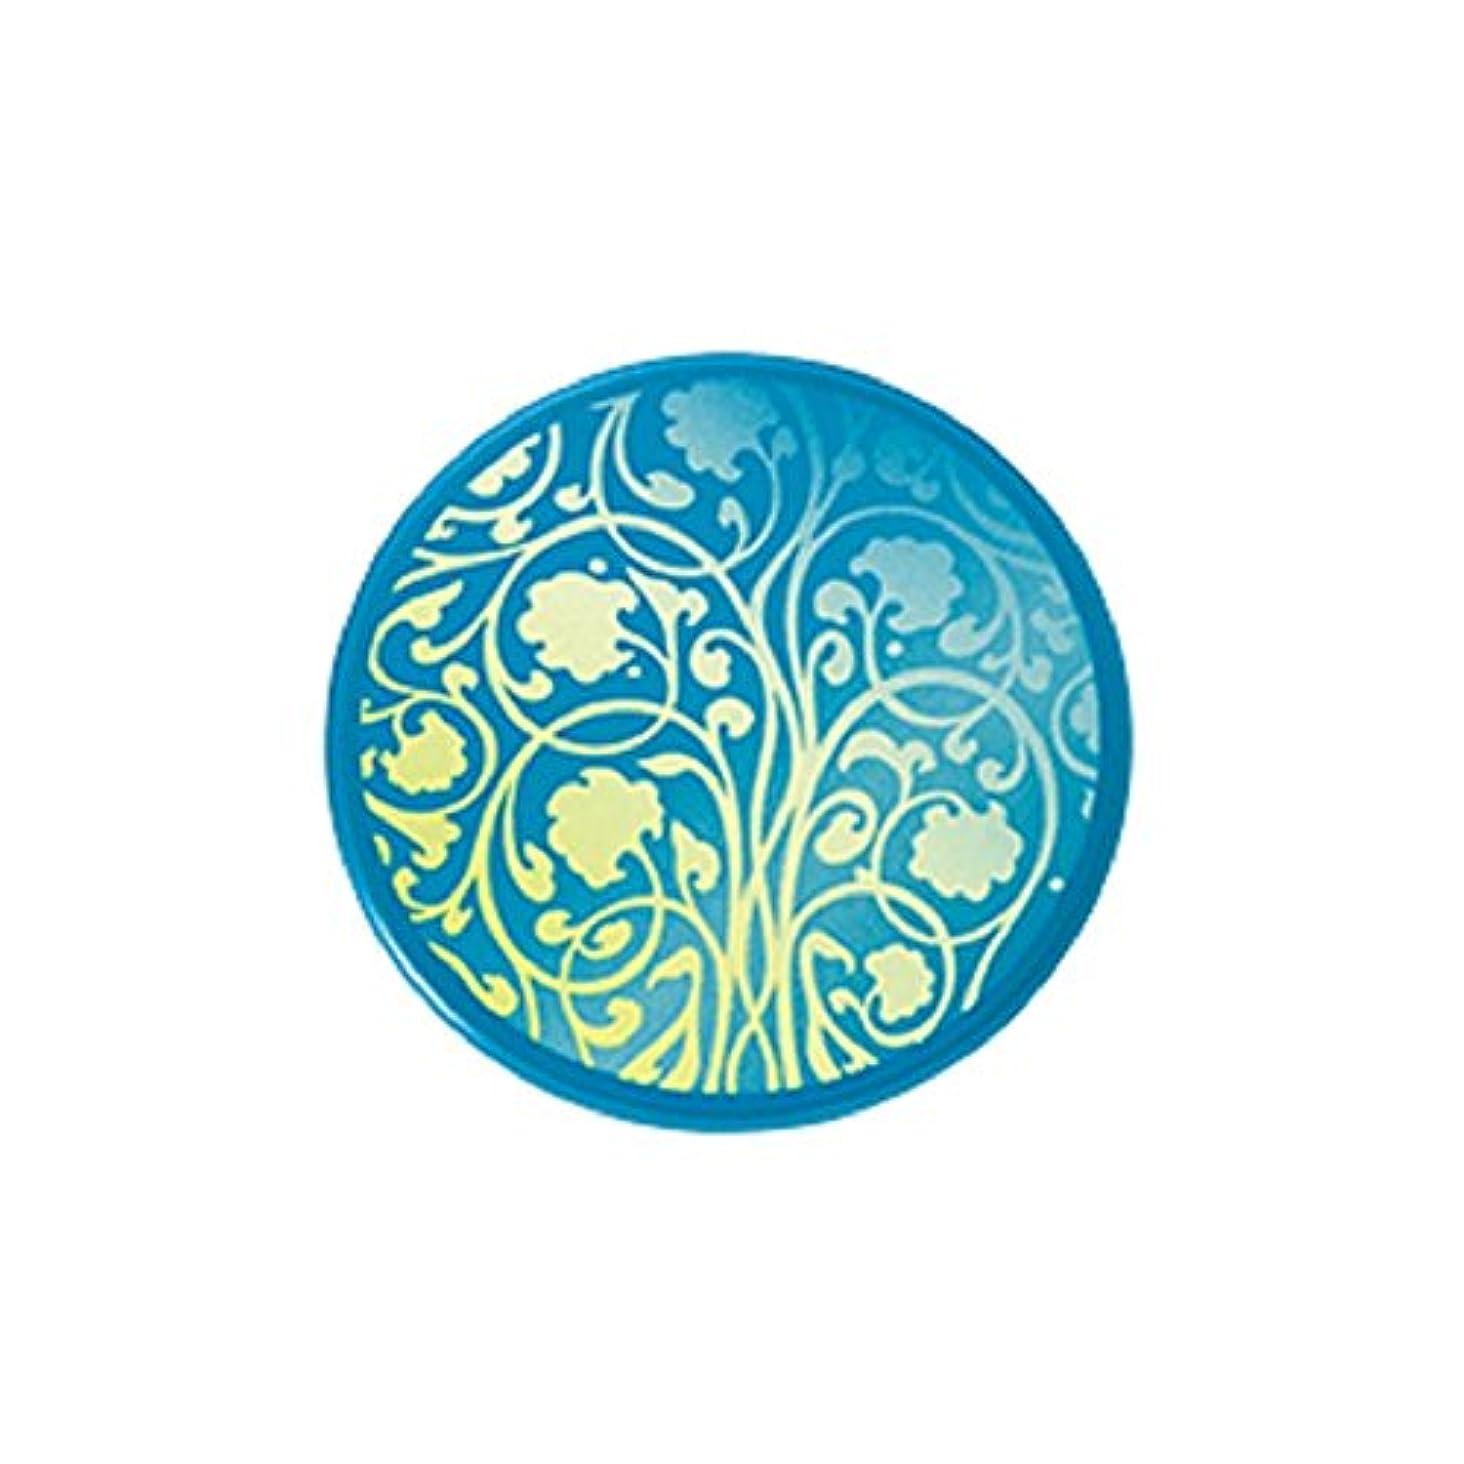 旋回租界キャンセルアユーラ (AYURA) ウェルフィット アロマバーム 14g 〈ソリッドパヒューム〉 心地よい森林の香気